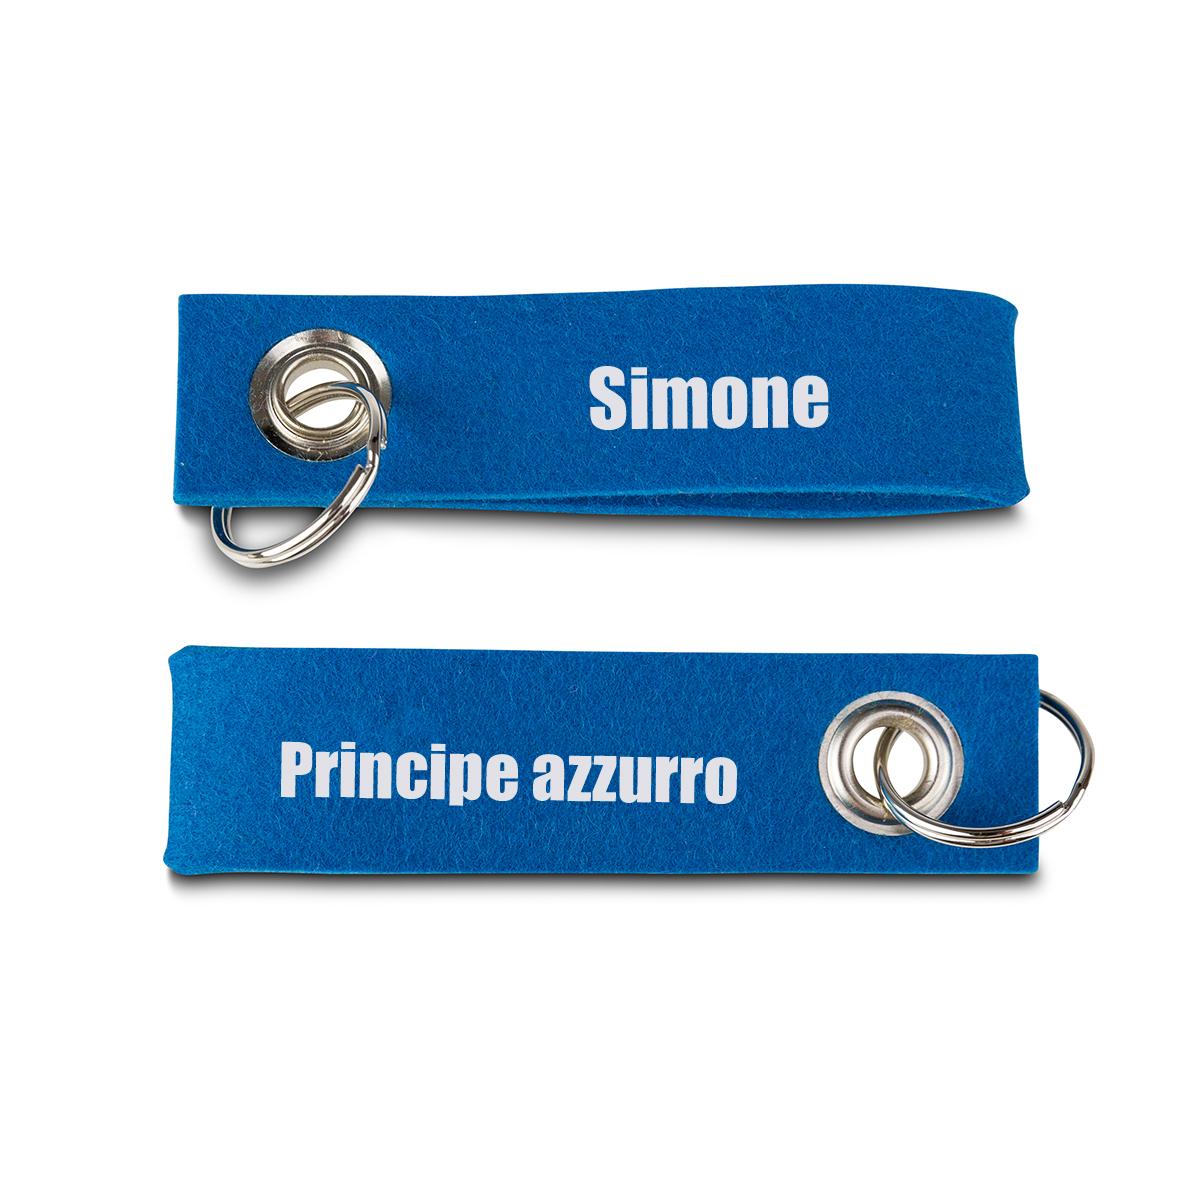 Image of Portachiavi personalizzato in Feltro - Principe Azzurro